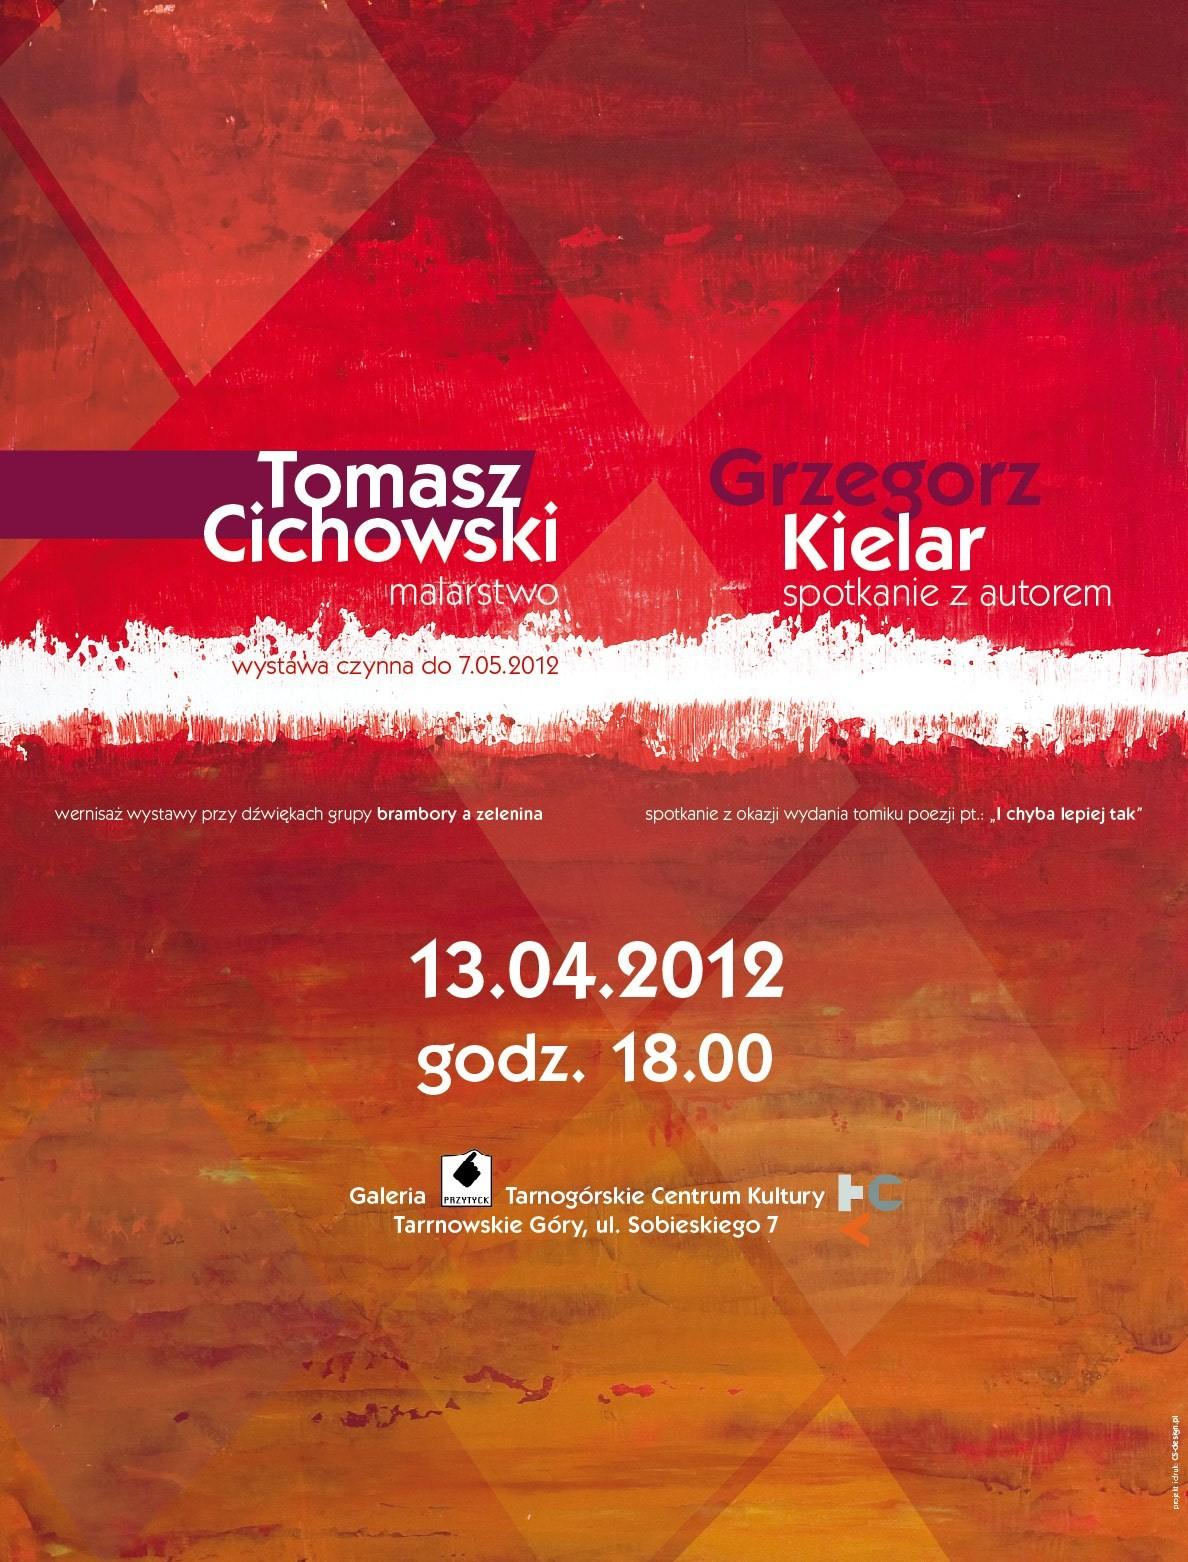 Plakat promocyjny spotkania z Tomaszem Cichowskim i Grzegorzem Kielarem (źródło: materiały prasowe)